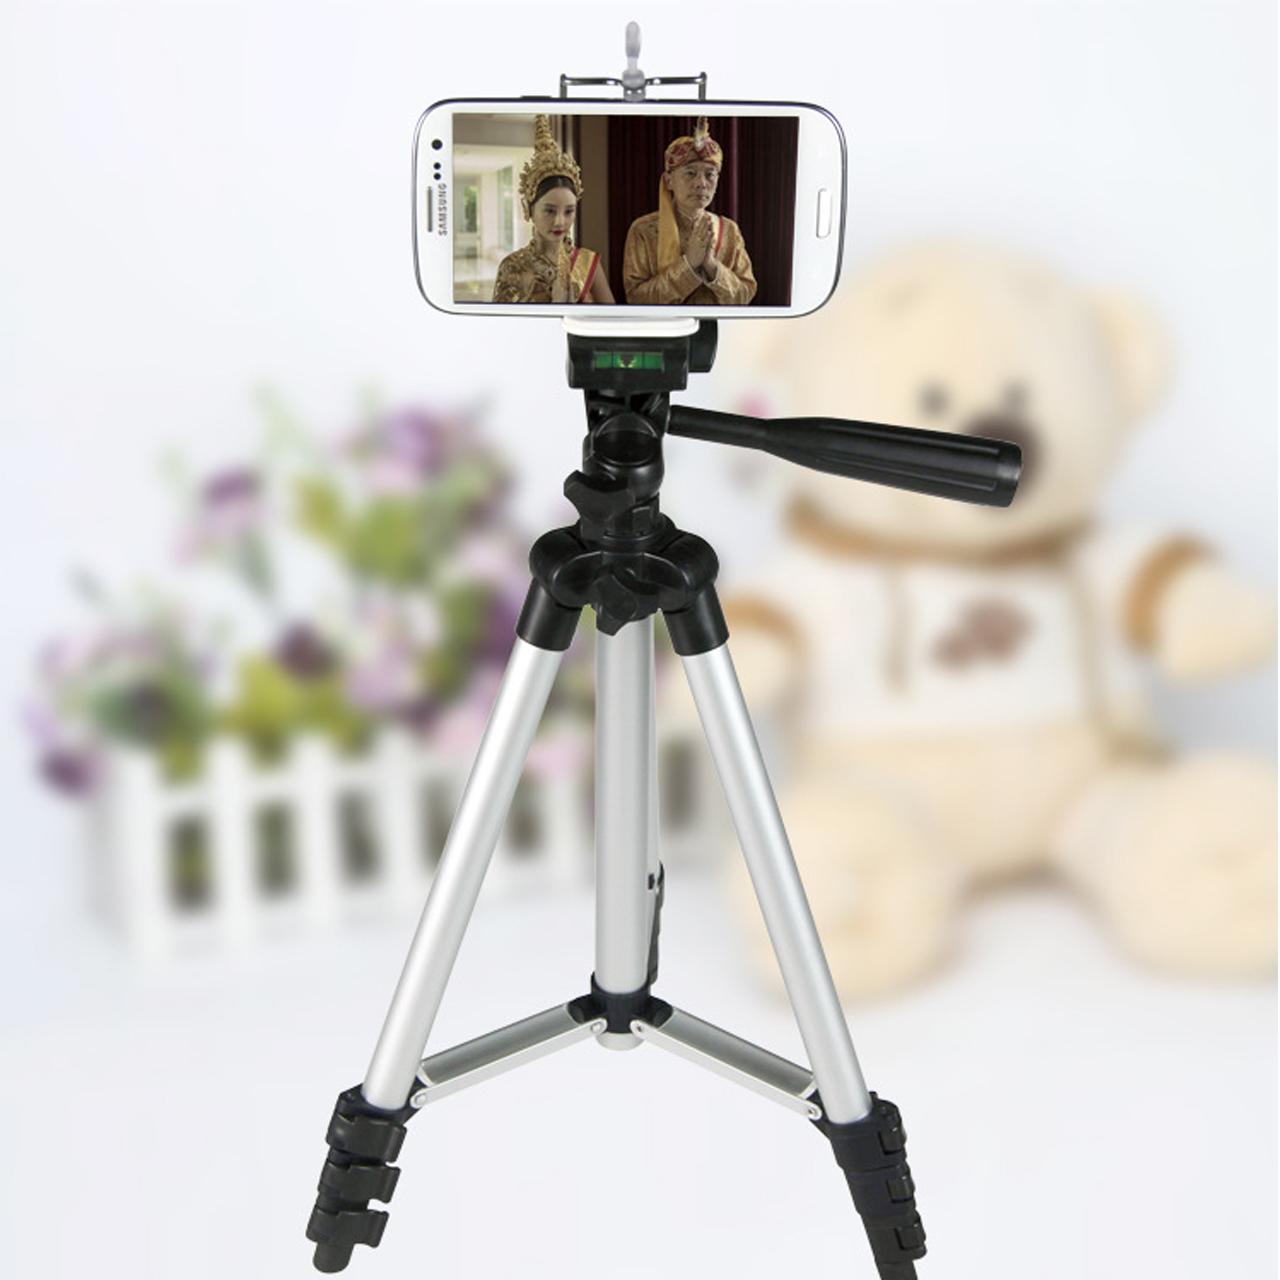 ขาตั้งกล้อง/มือถือ สำหรับถ่ายภาพ ปรับระดับได้ วัสดุคุณภาพดี แข็งแรง